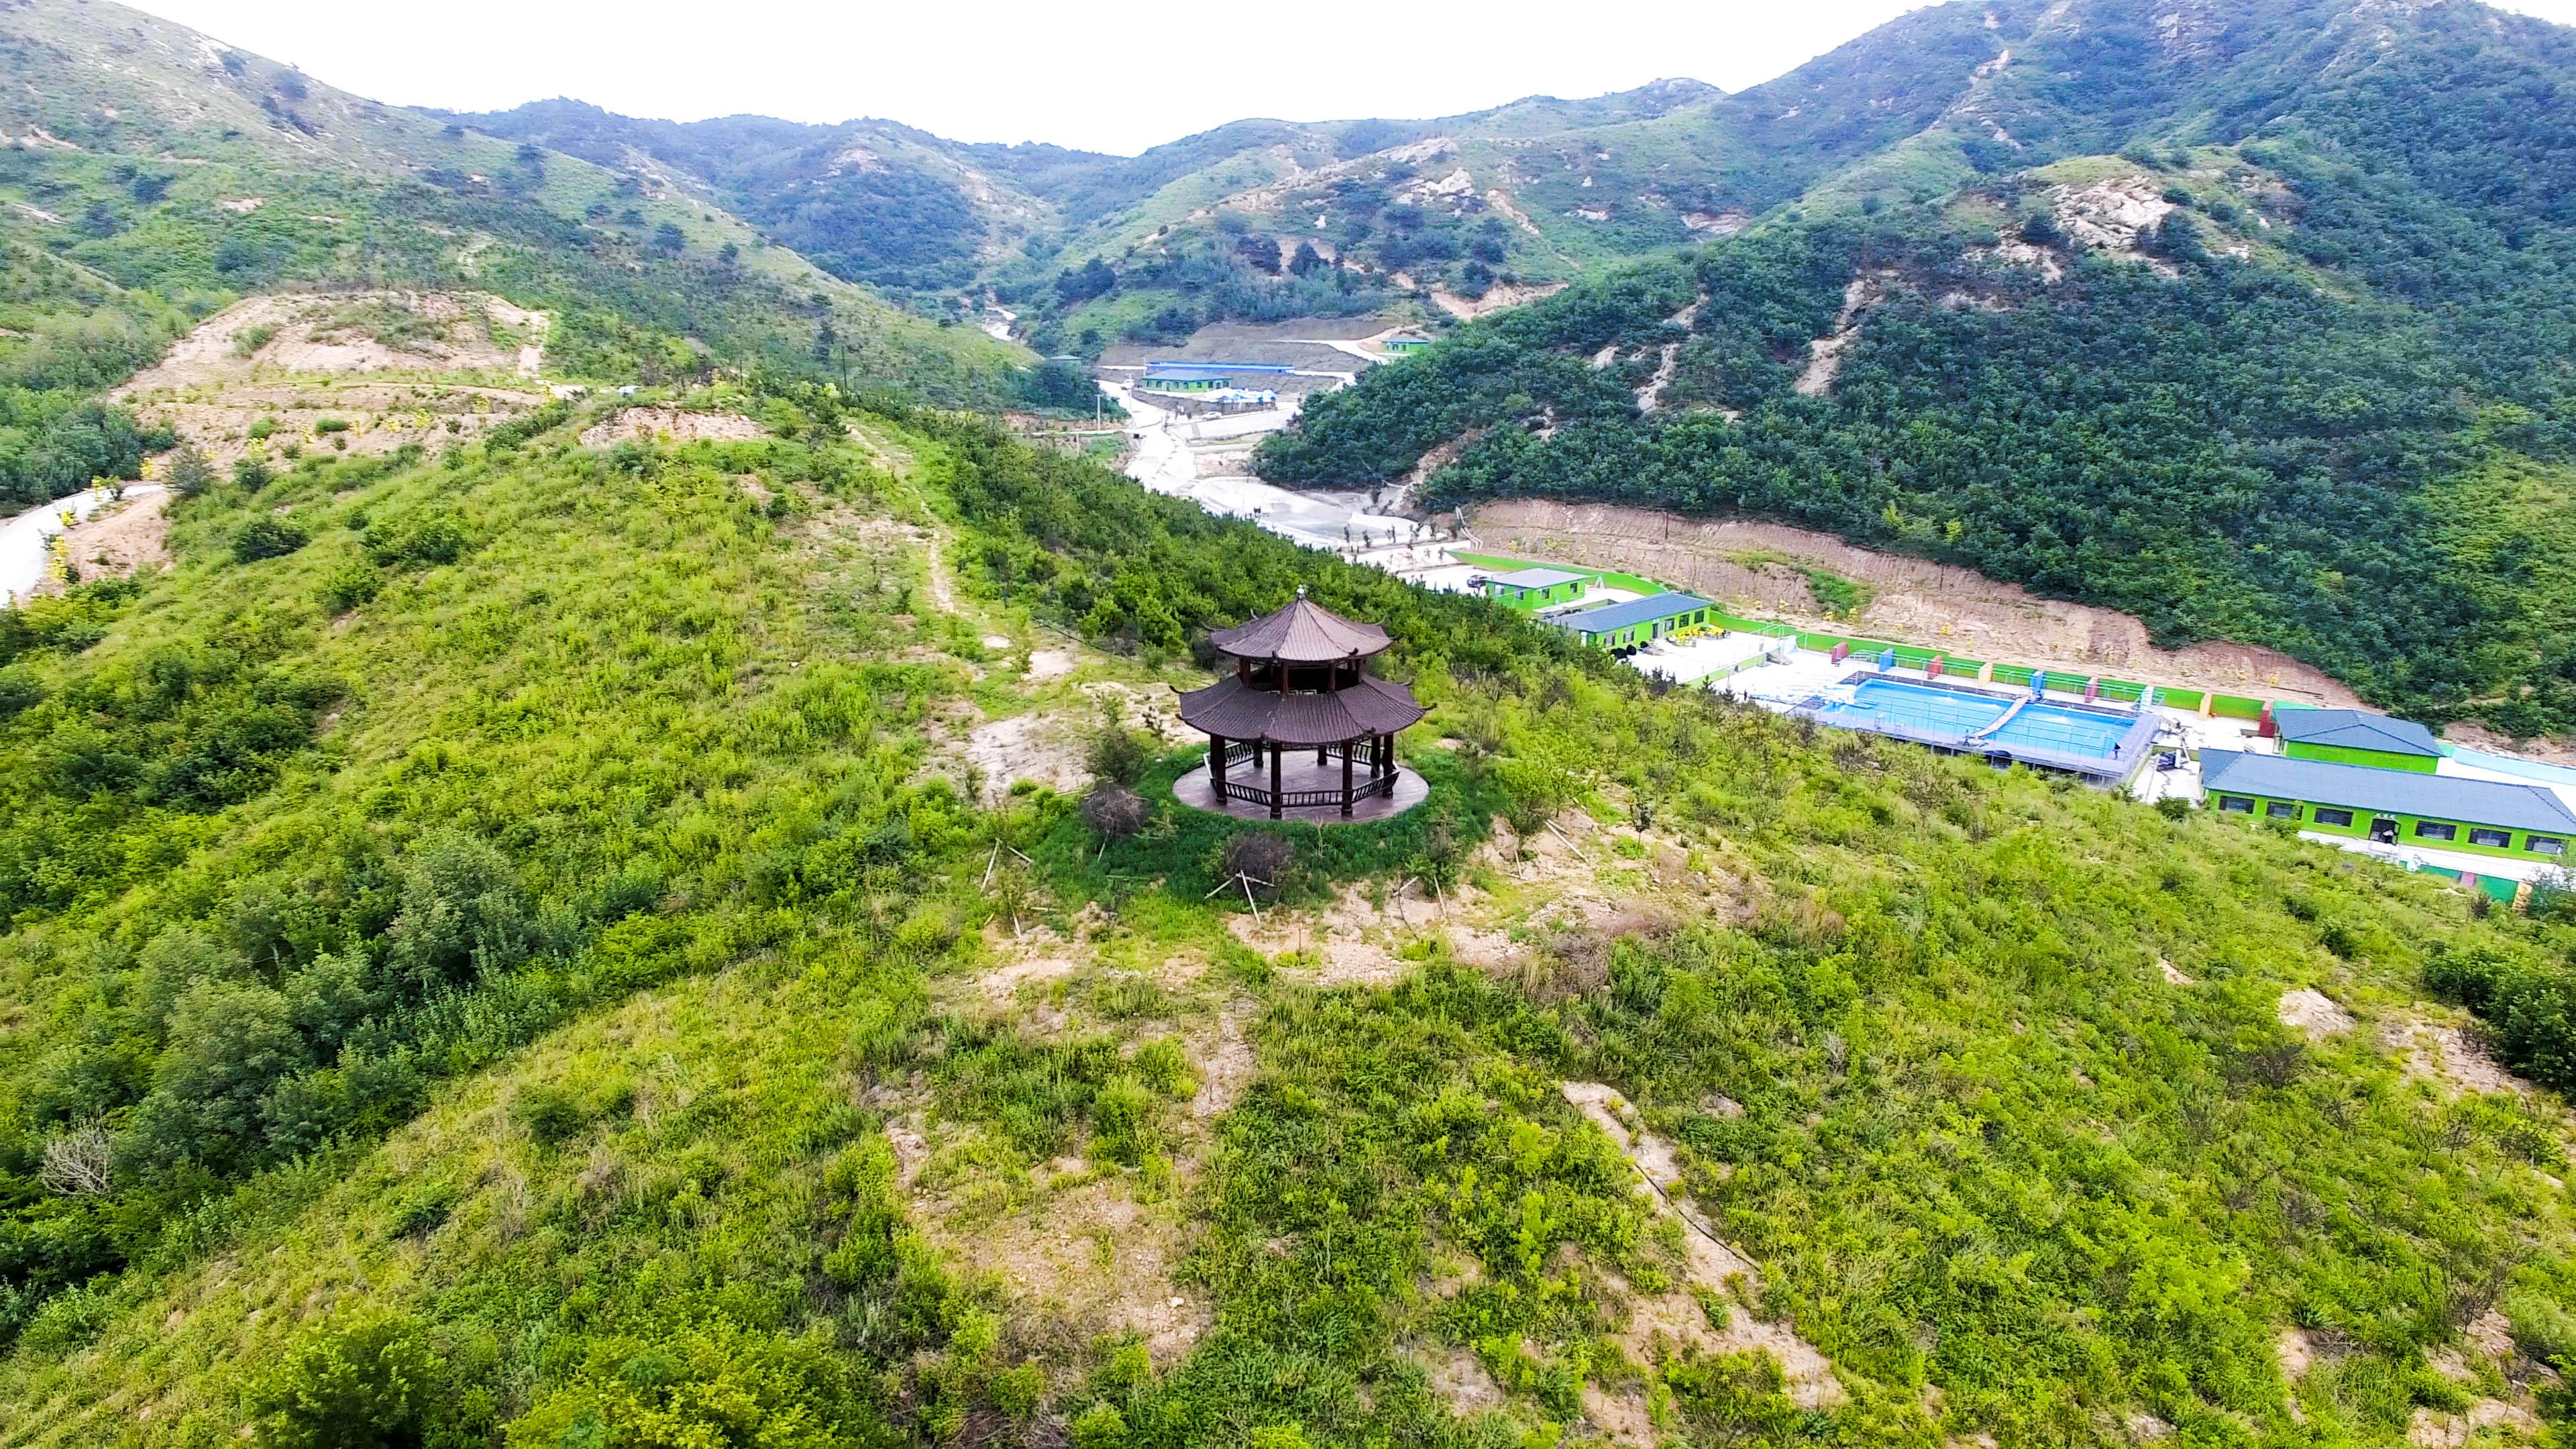 营口芙蓉山风景区 万亩花卉 旅游景点